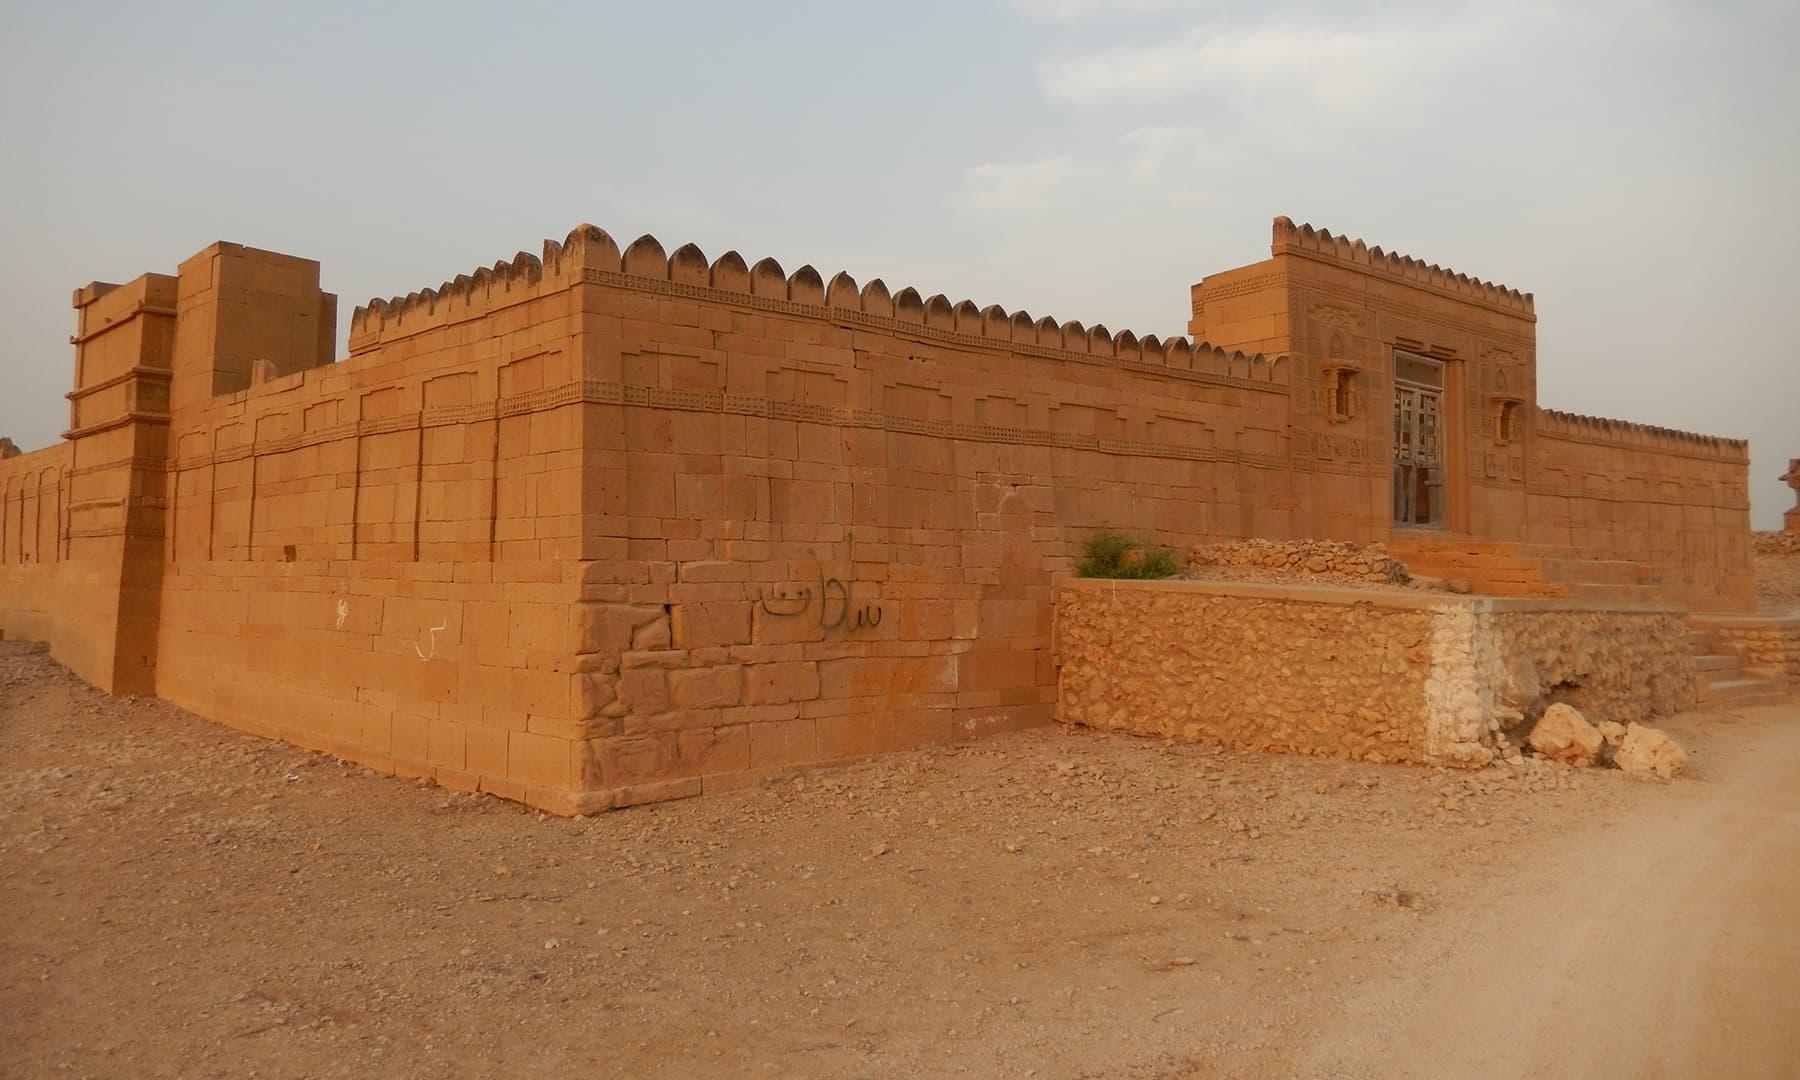 دریا خان کے مقبرے کی چار دیواری —تصویر ابوبکر شیخ